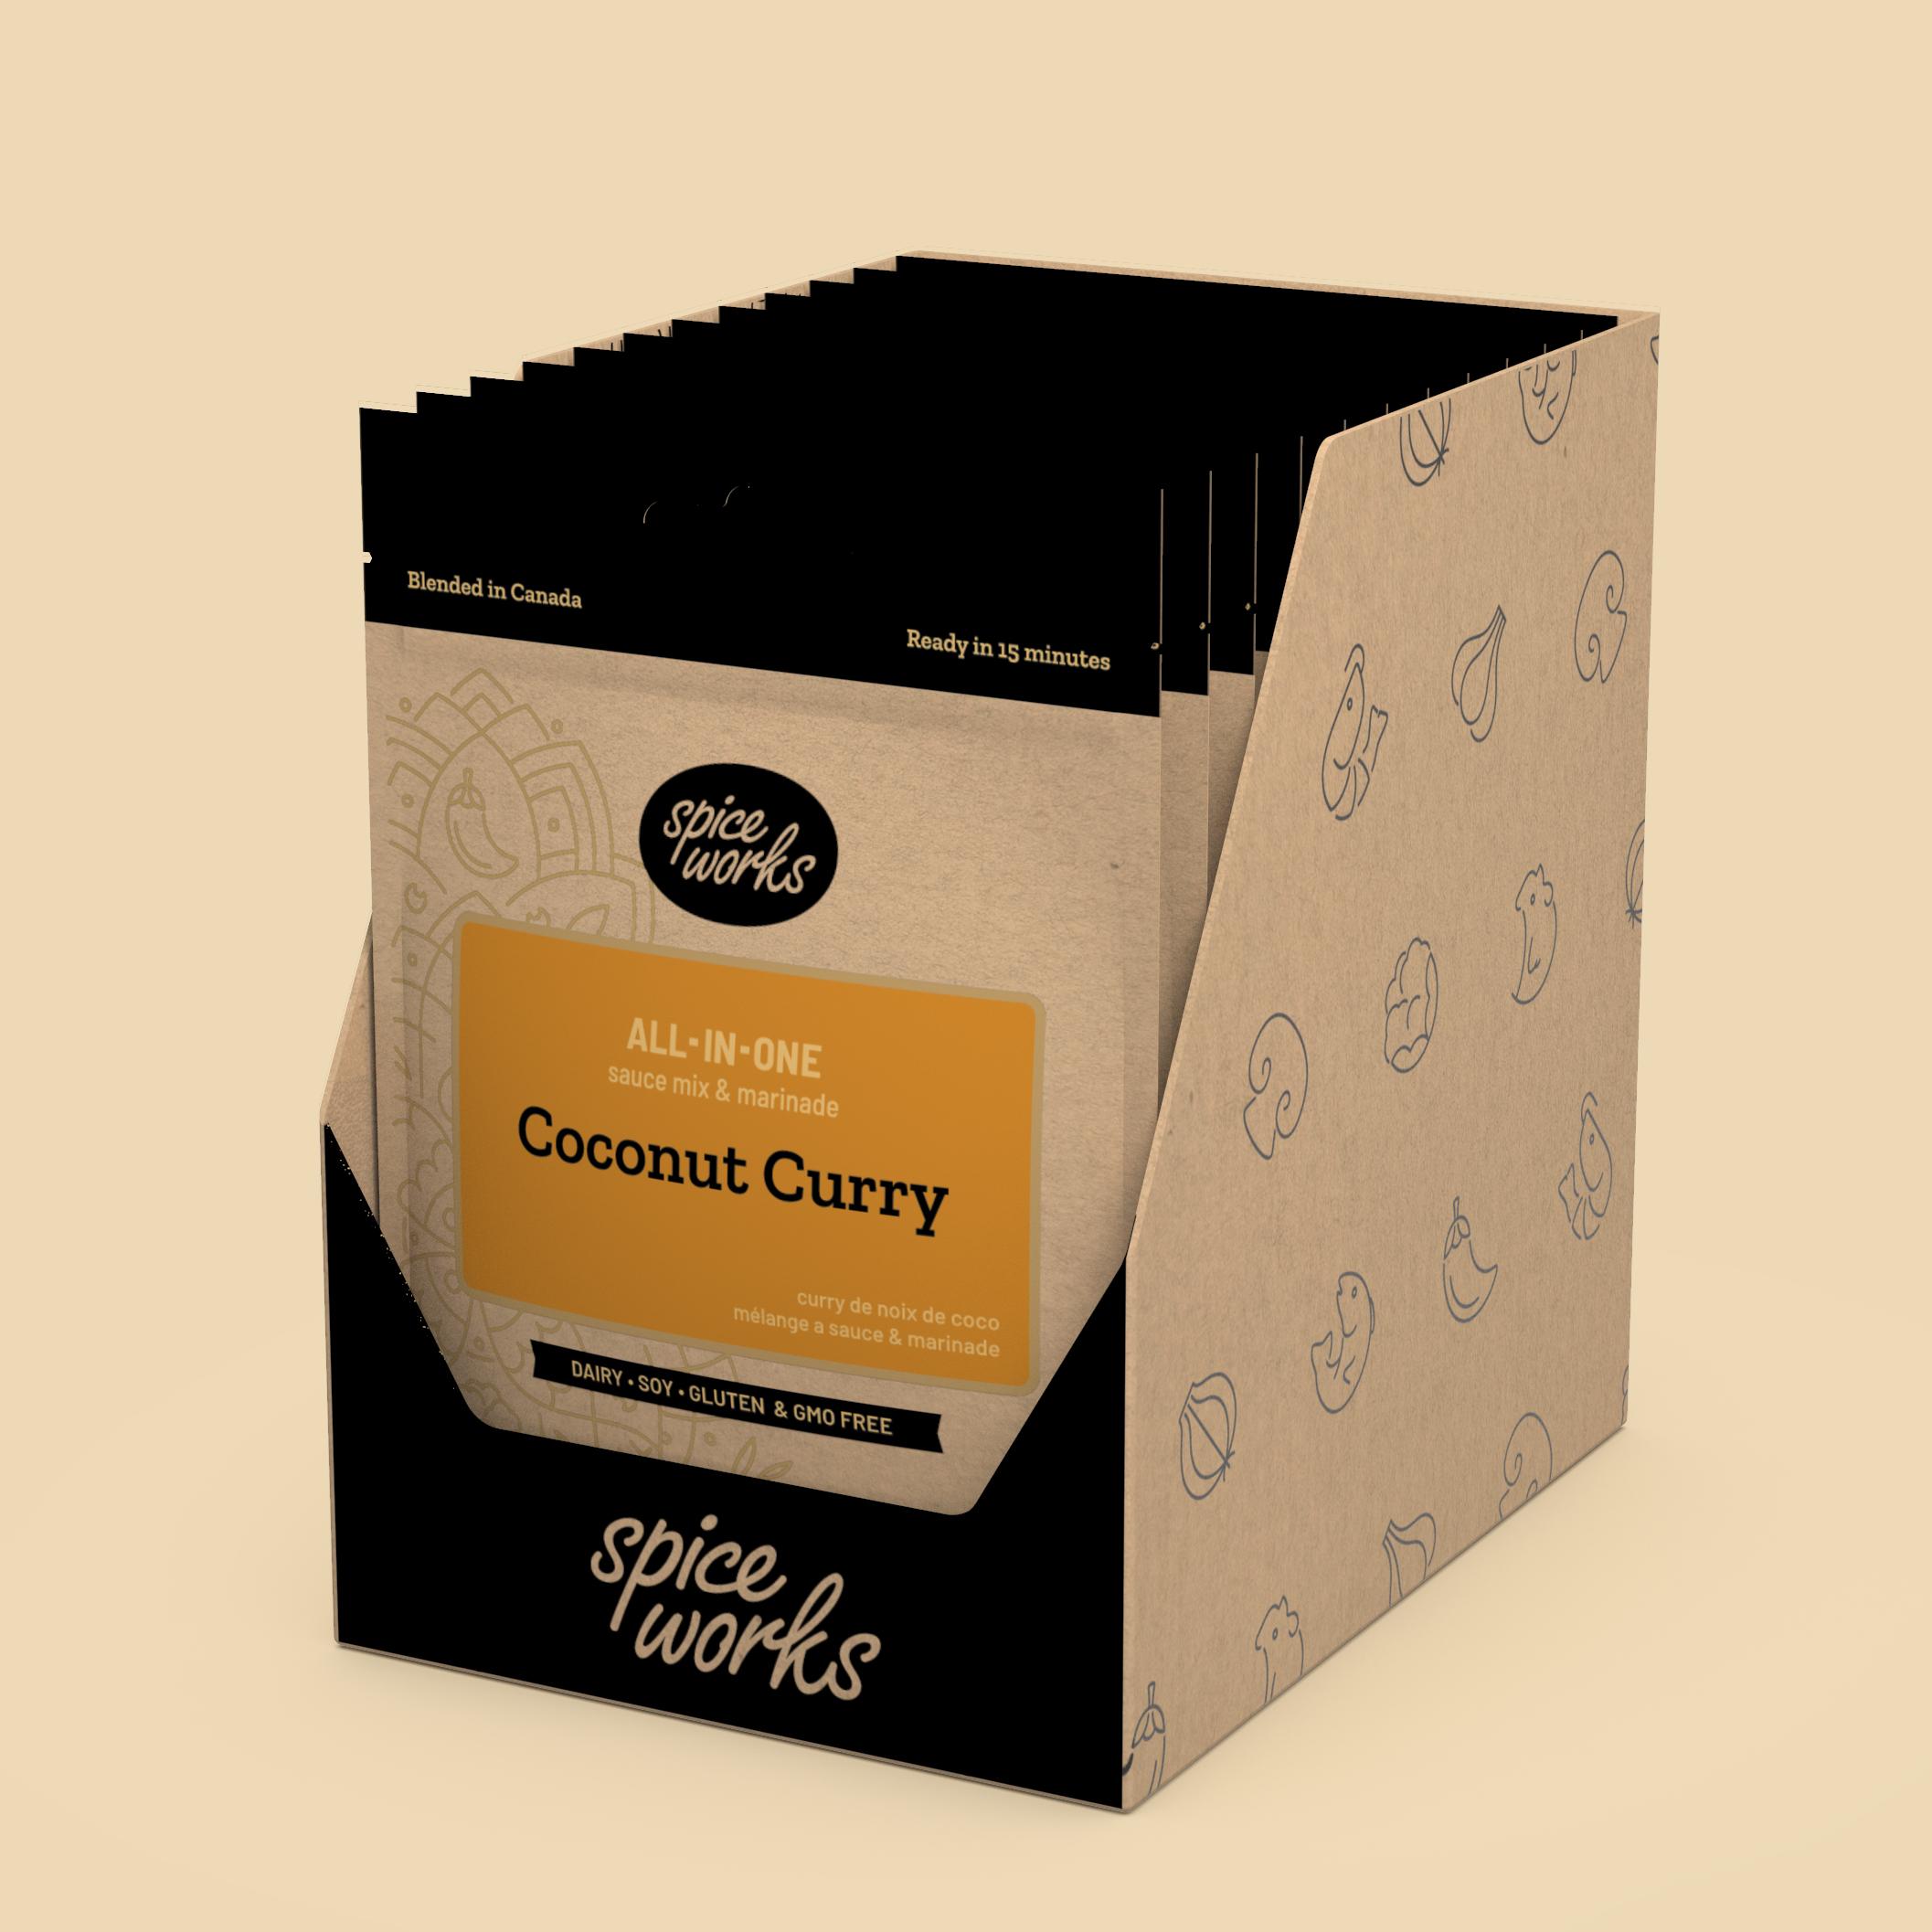 sw carton render - coco curry - 070719.jpg